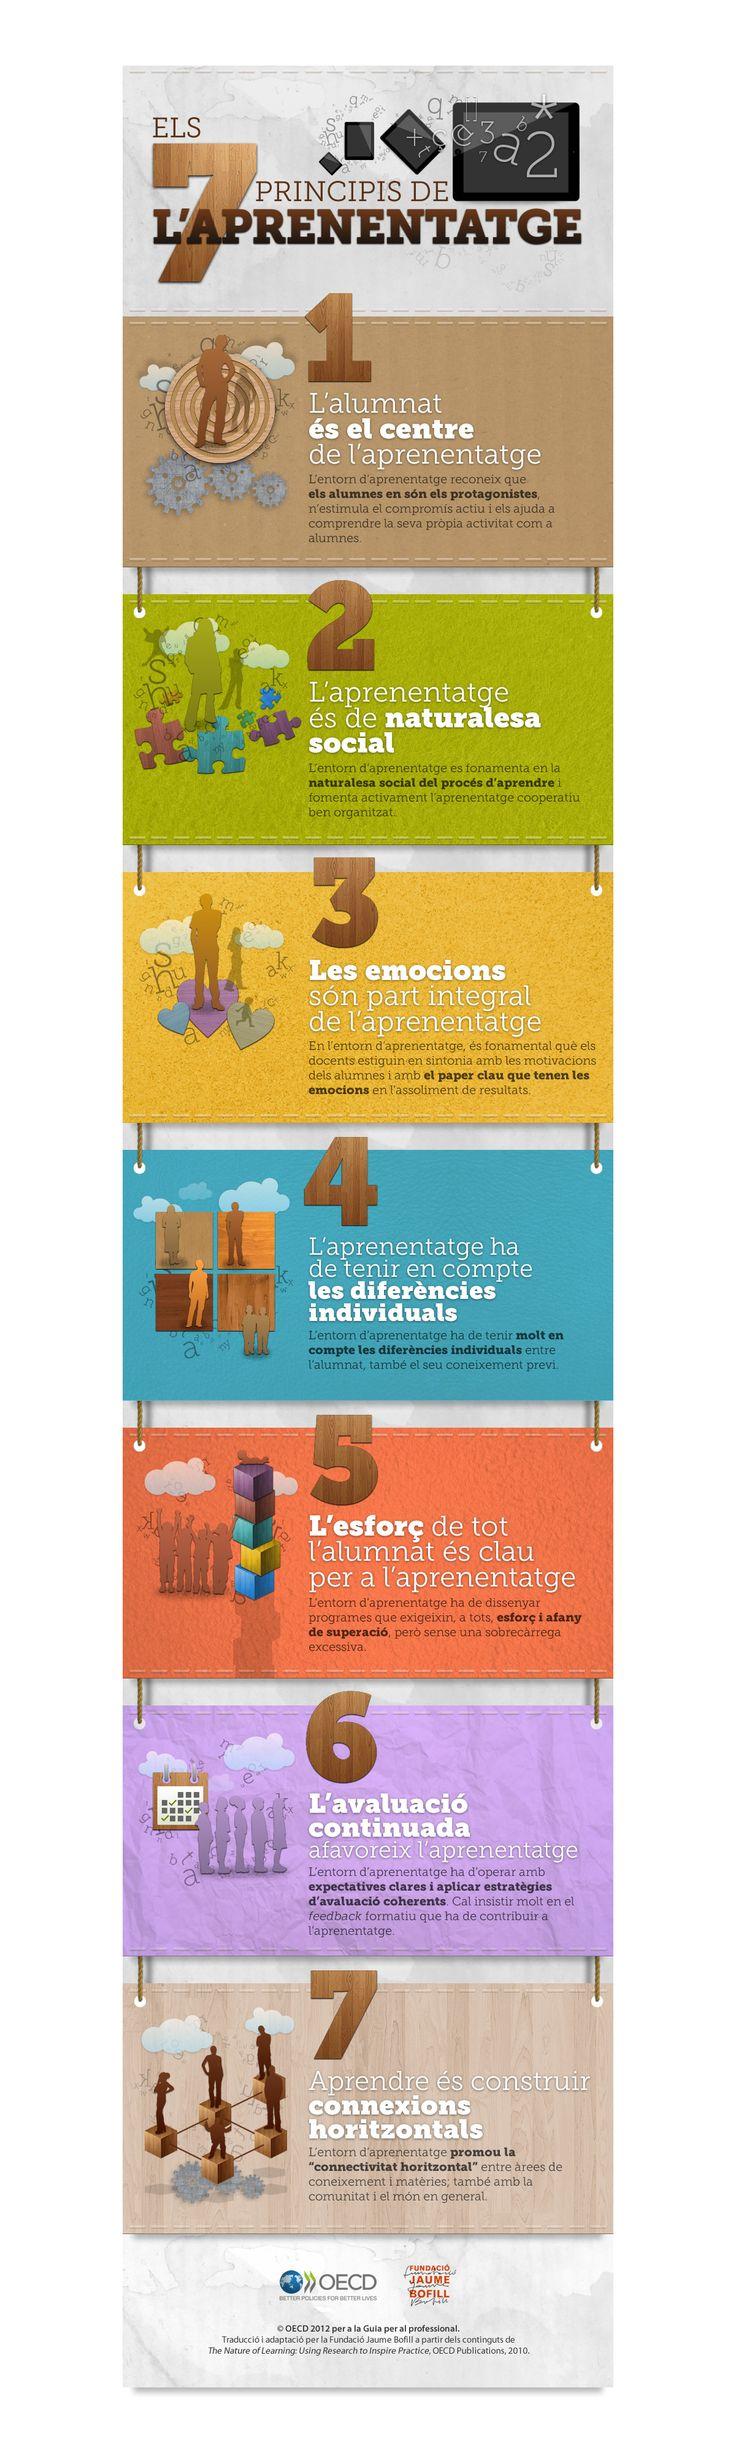 Els 7 principis de l'aprenentatge. http://learningleadershipconference.cat/docs/infografia_ILE.jpg